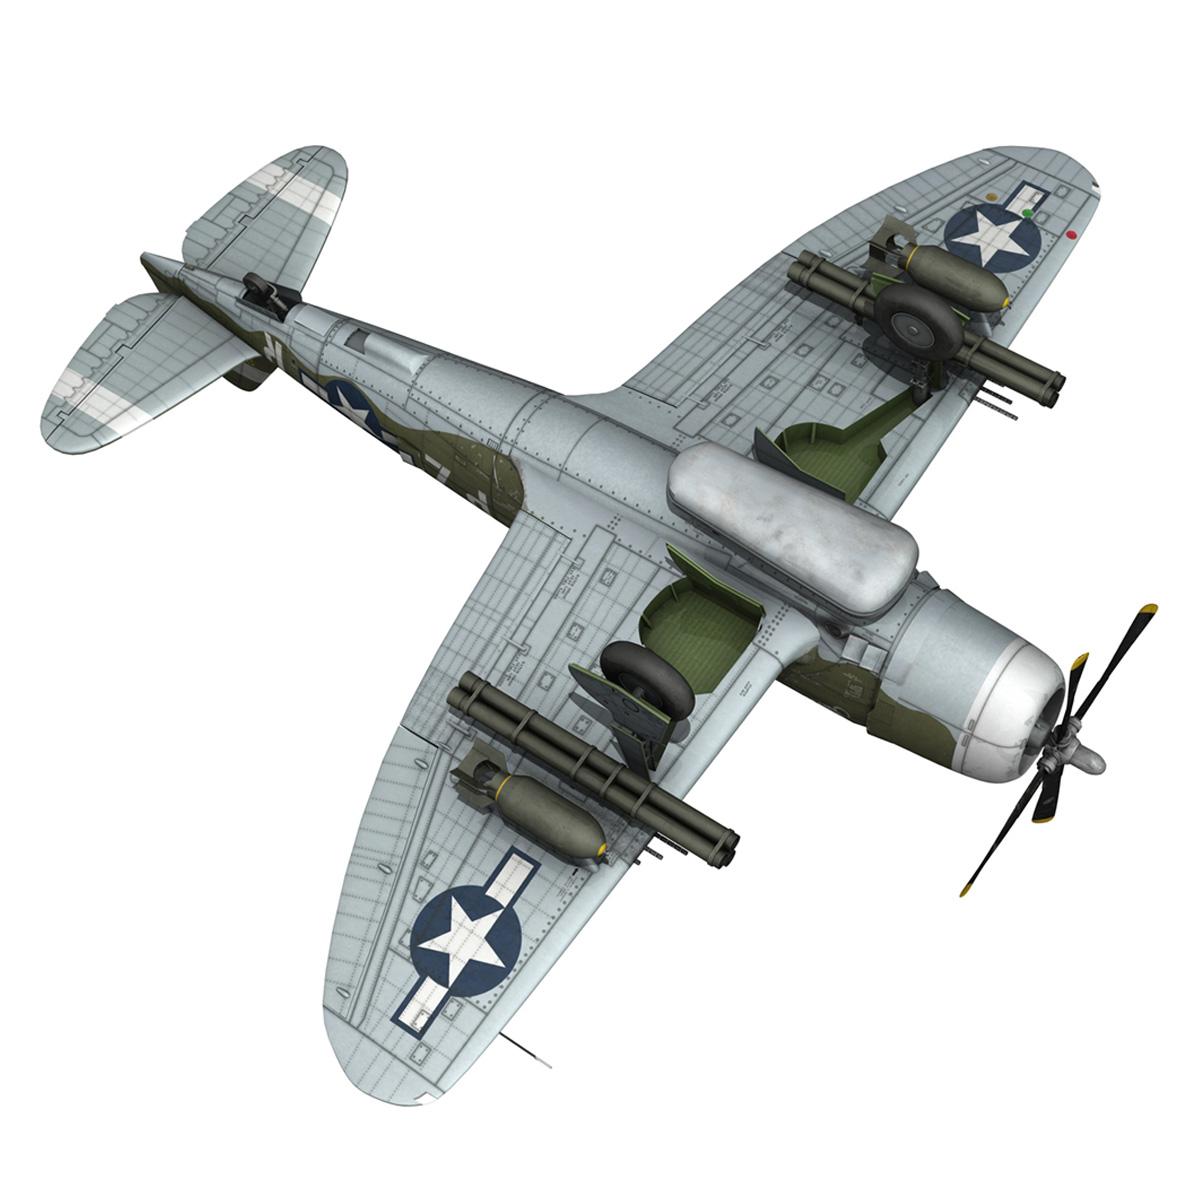 republic p-47d thunderbolt – sweetie – pz-r 3d model 3ds fbx c4d lwo obj 281849